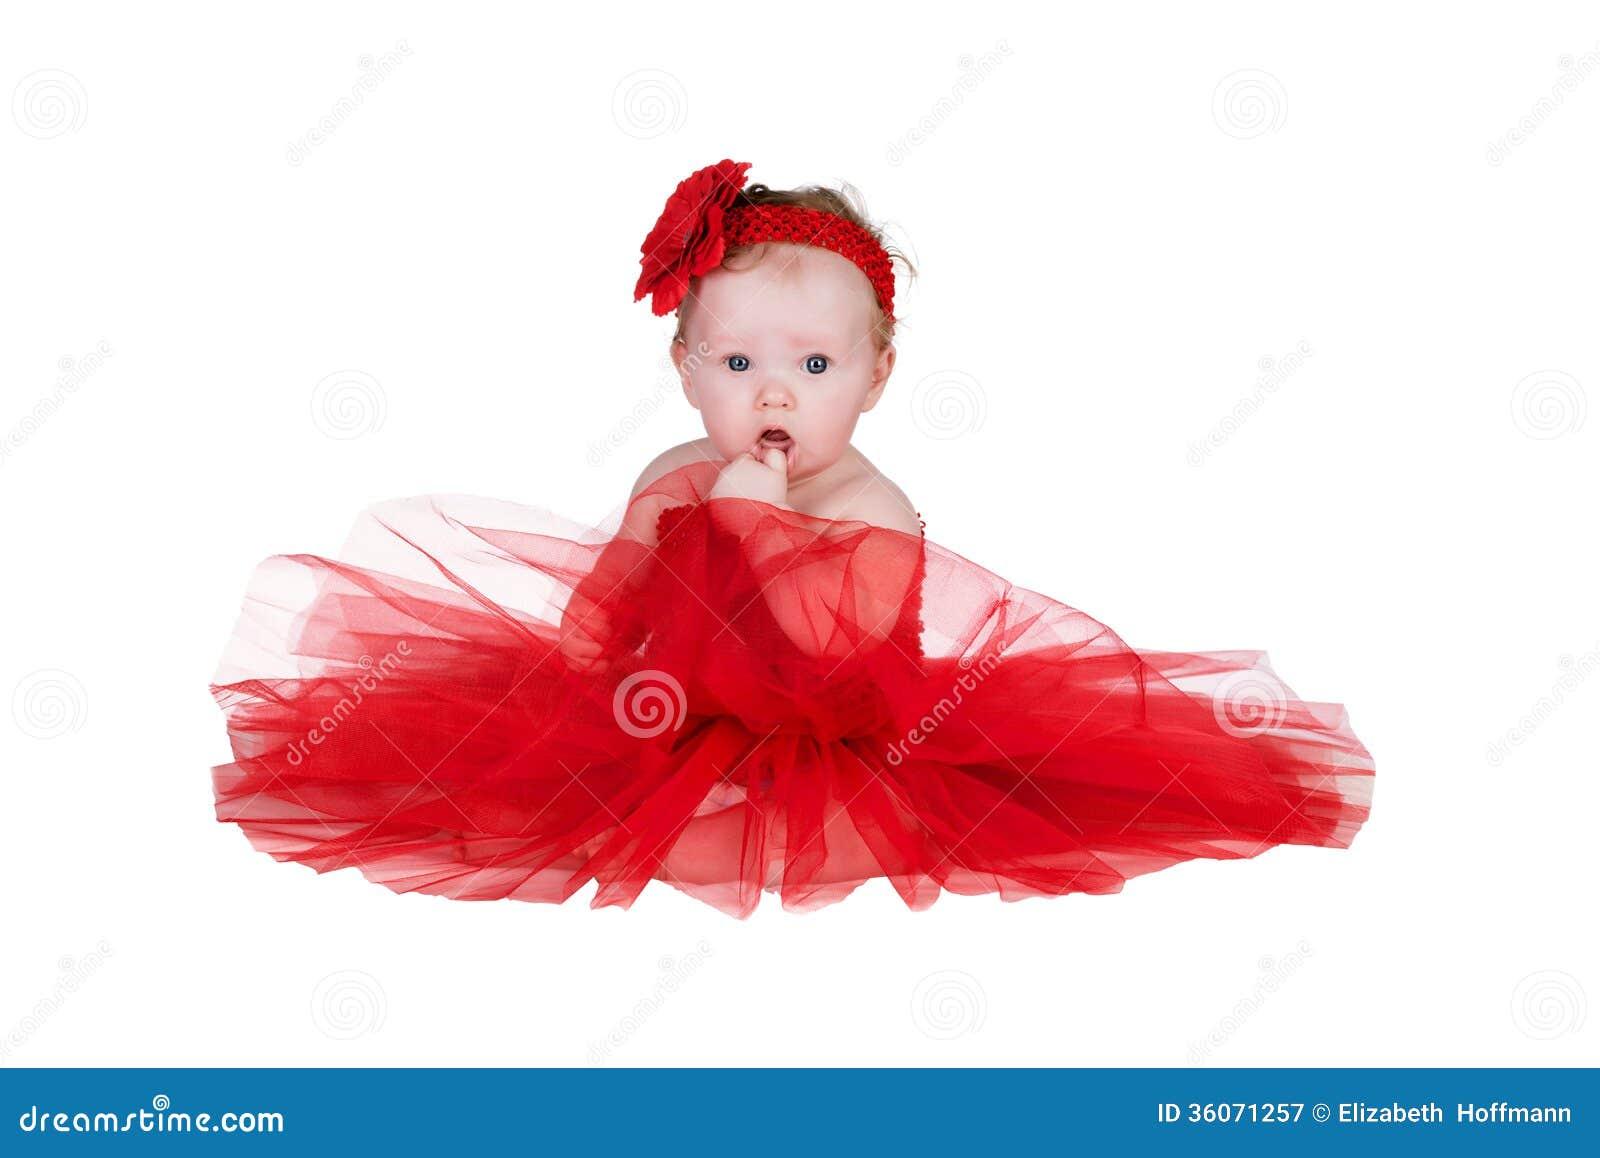 Bebe Avec La Robe Rouge Image Stock Image Du Robe Rouge 36071257